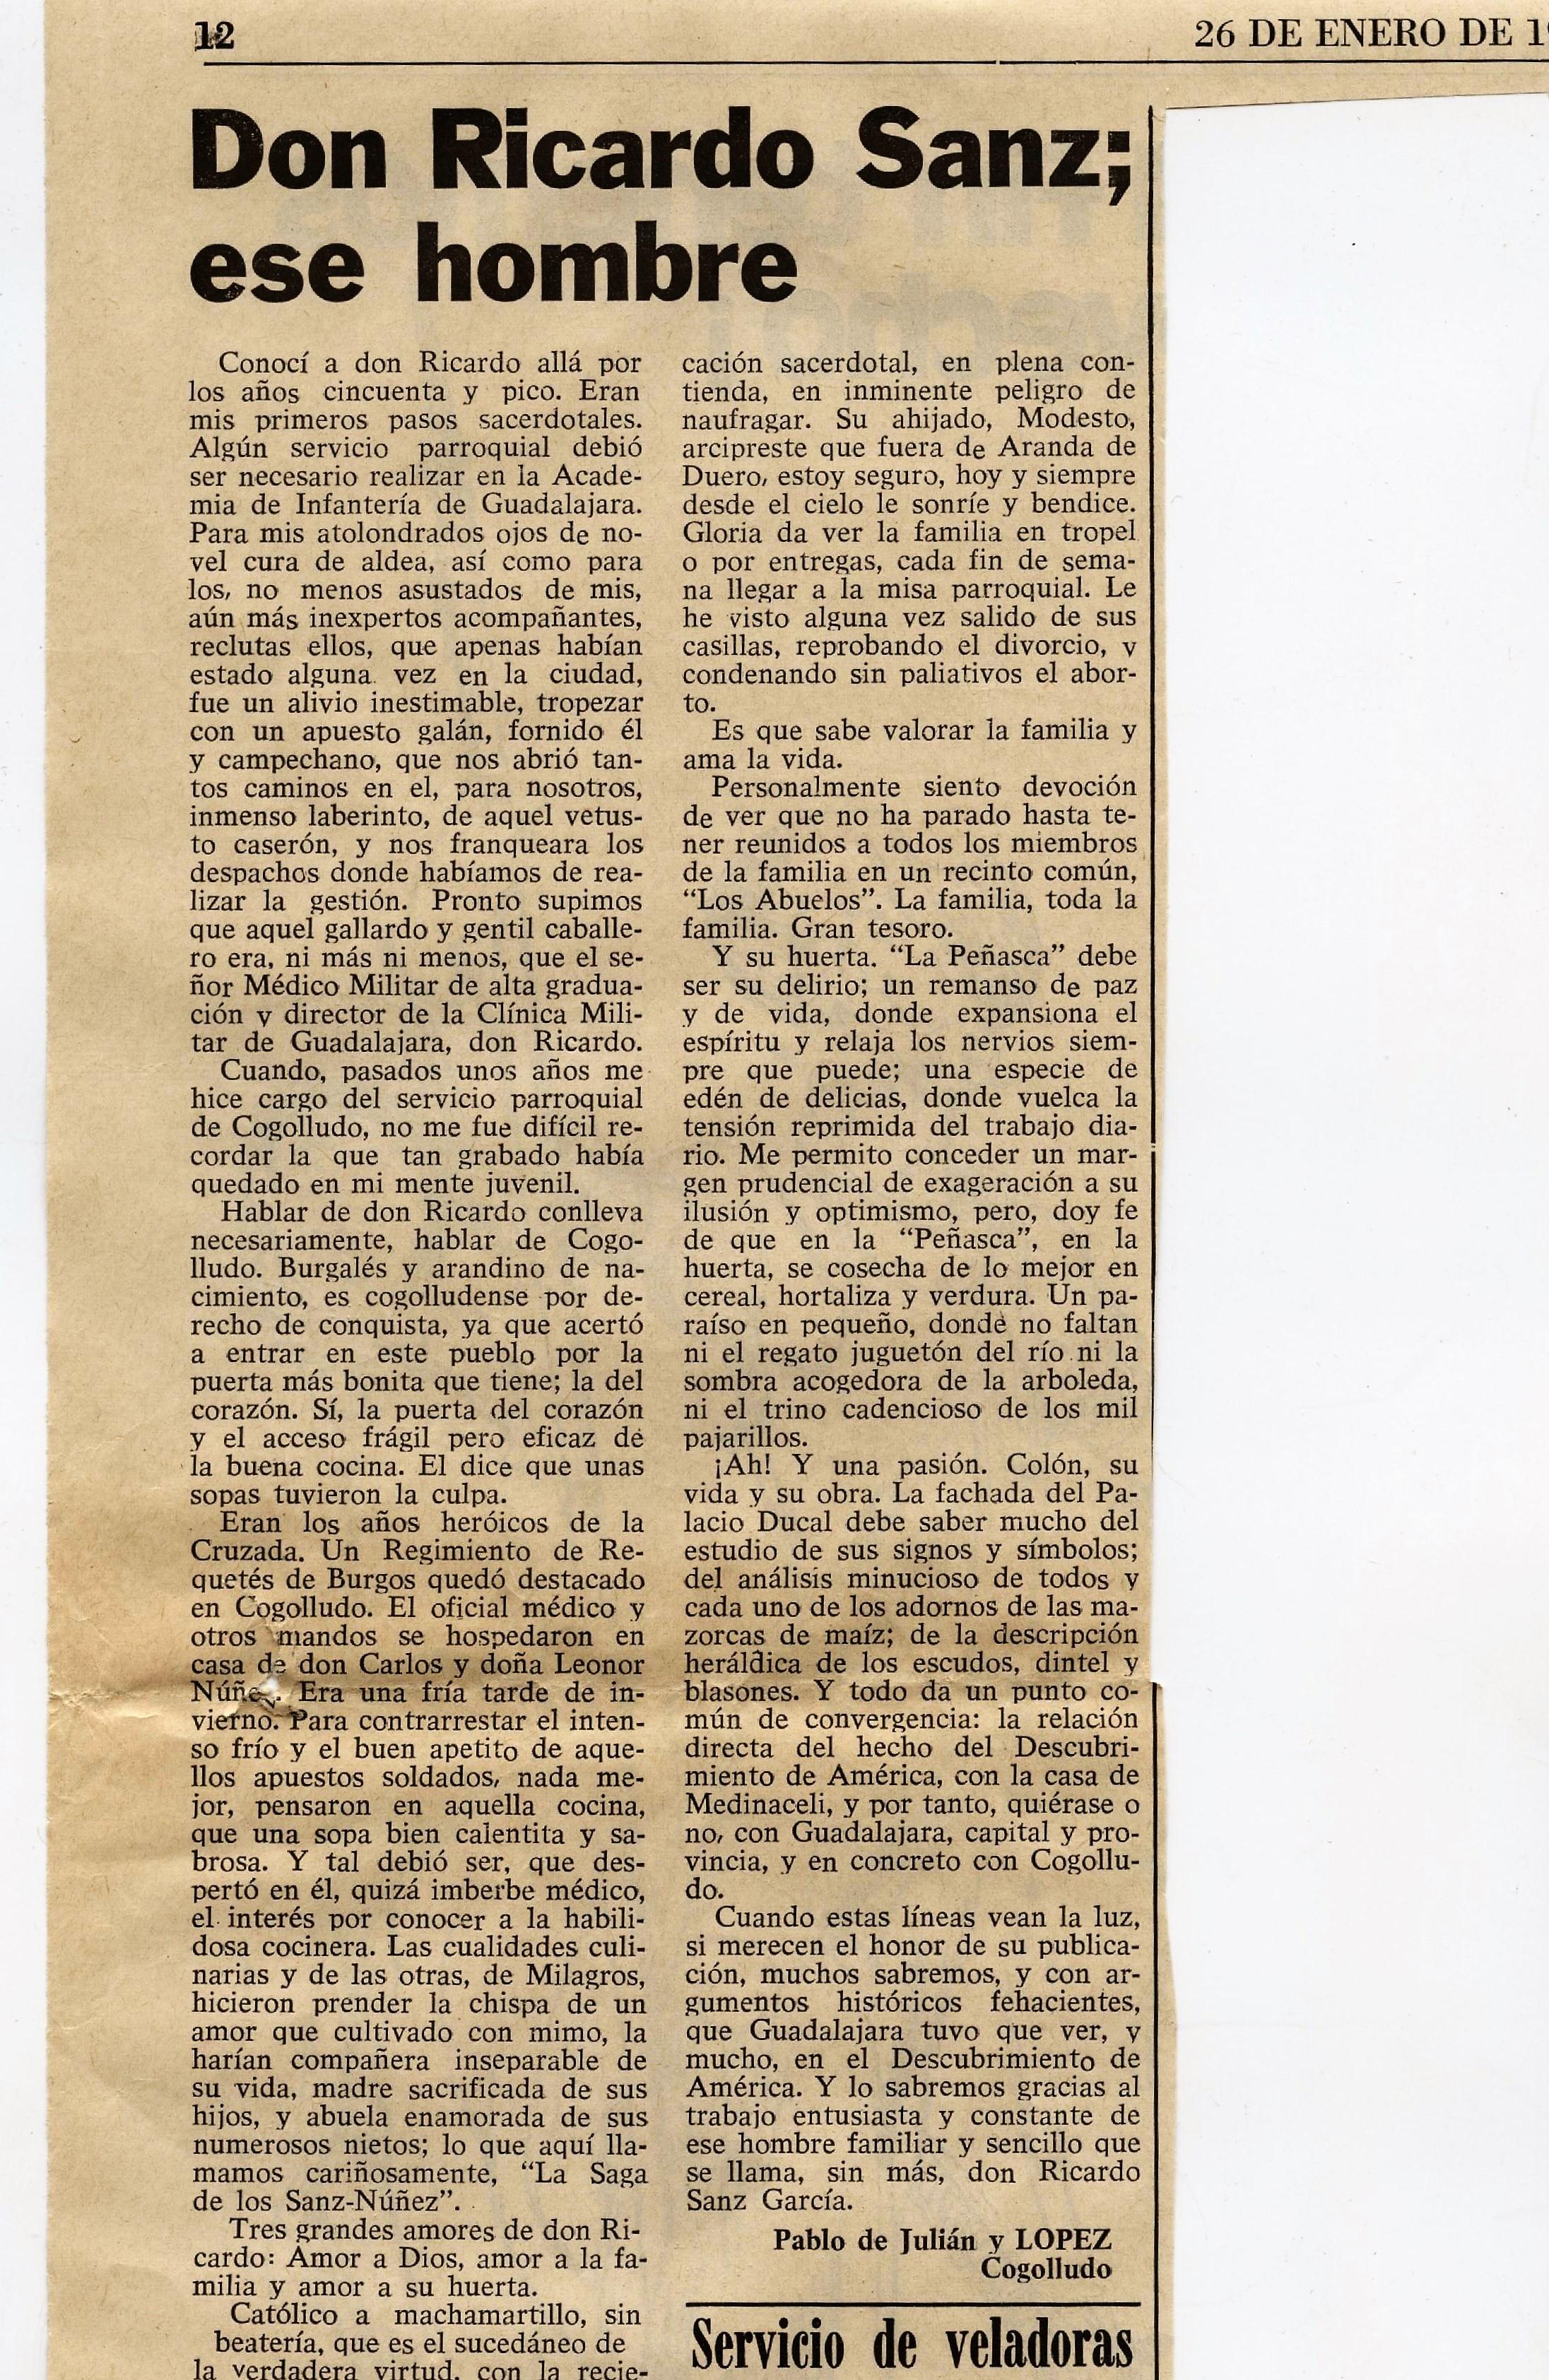 Don Ricardo Sanz, ese hombre 26.01.1980